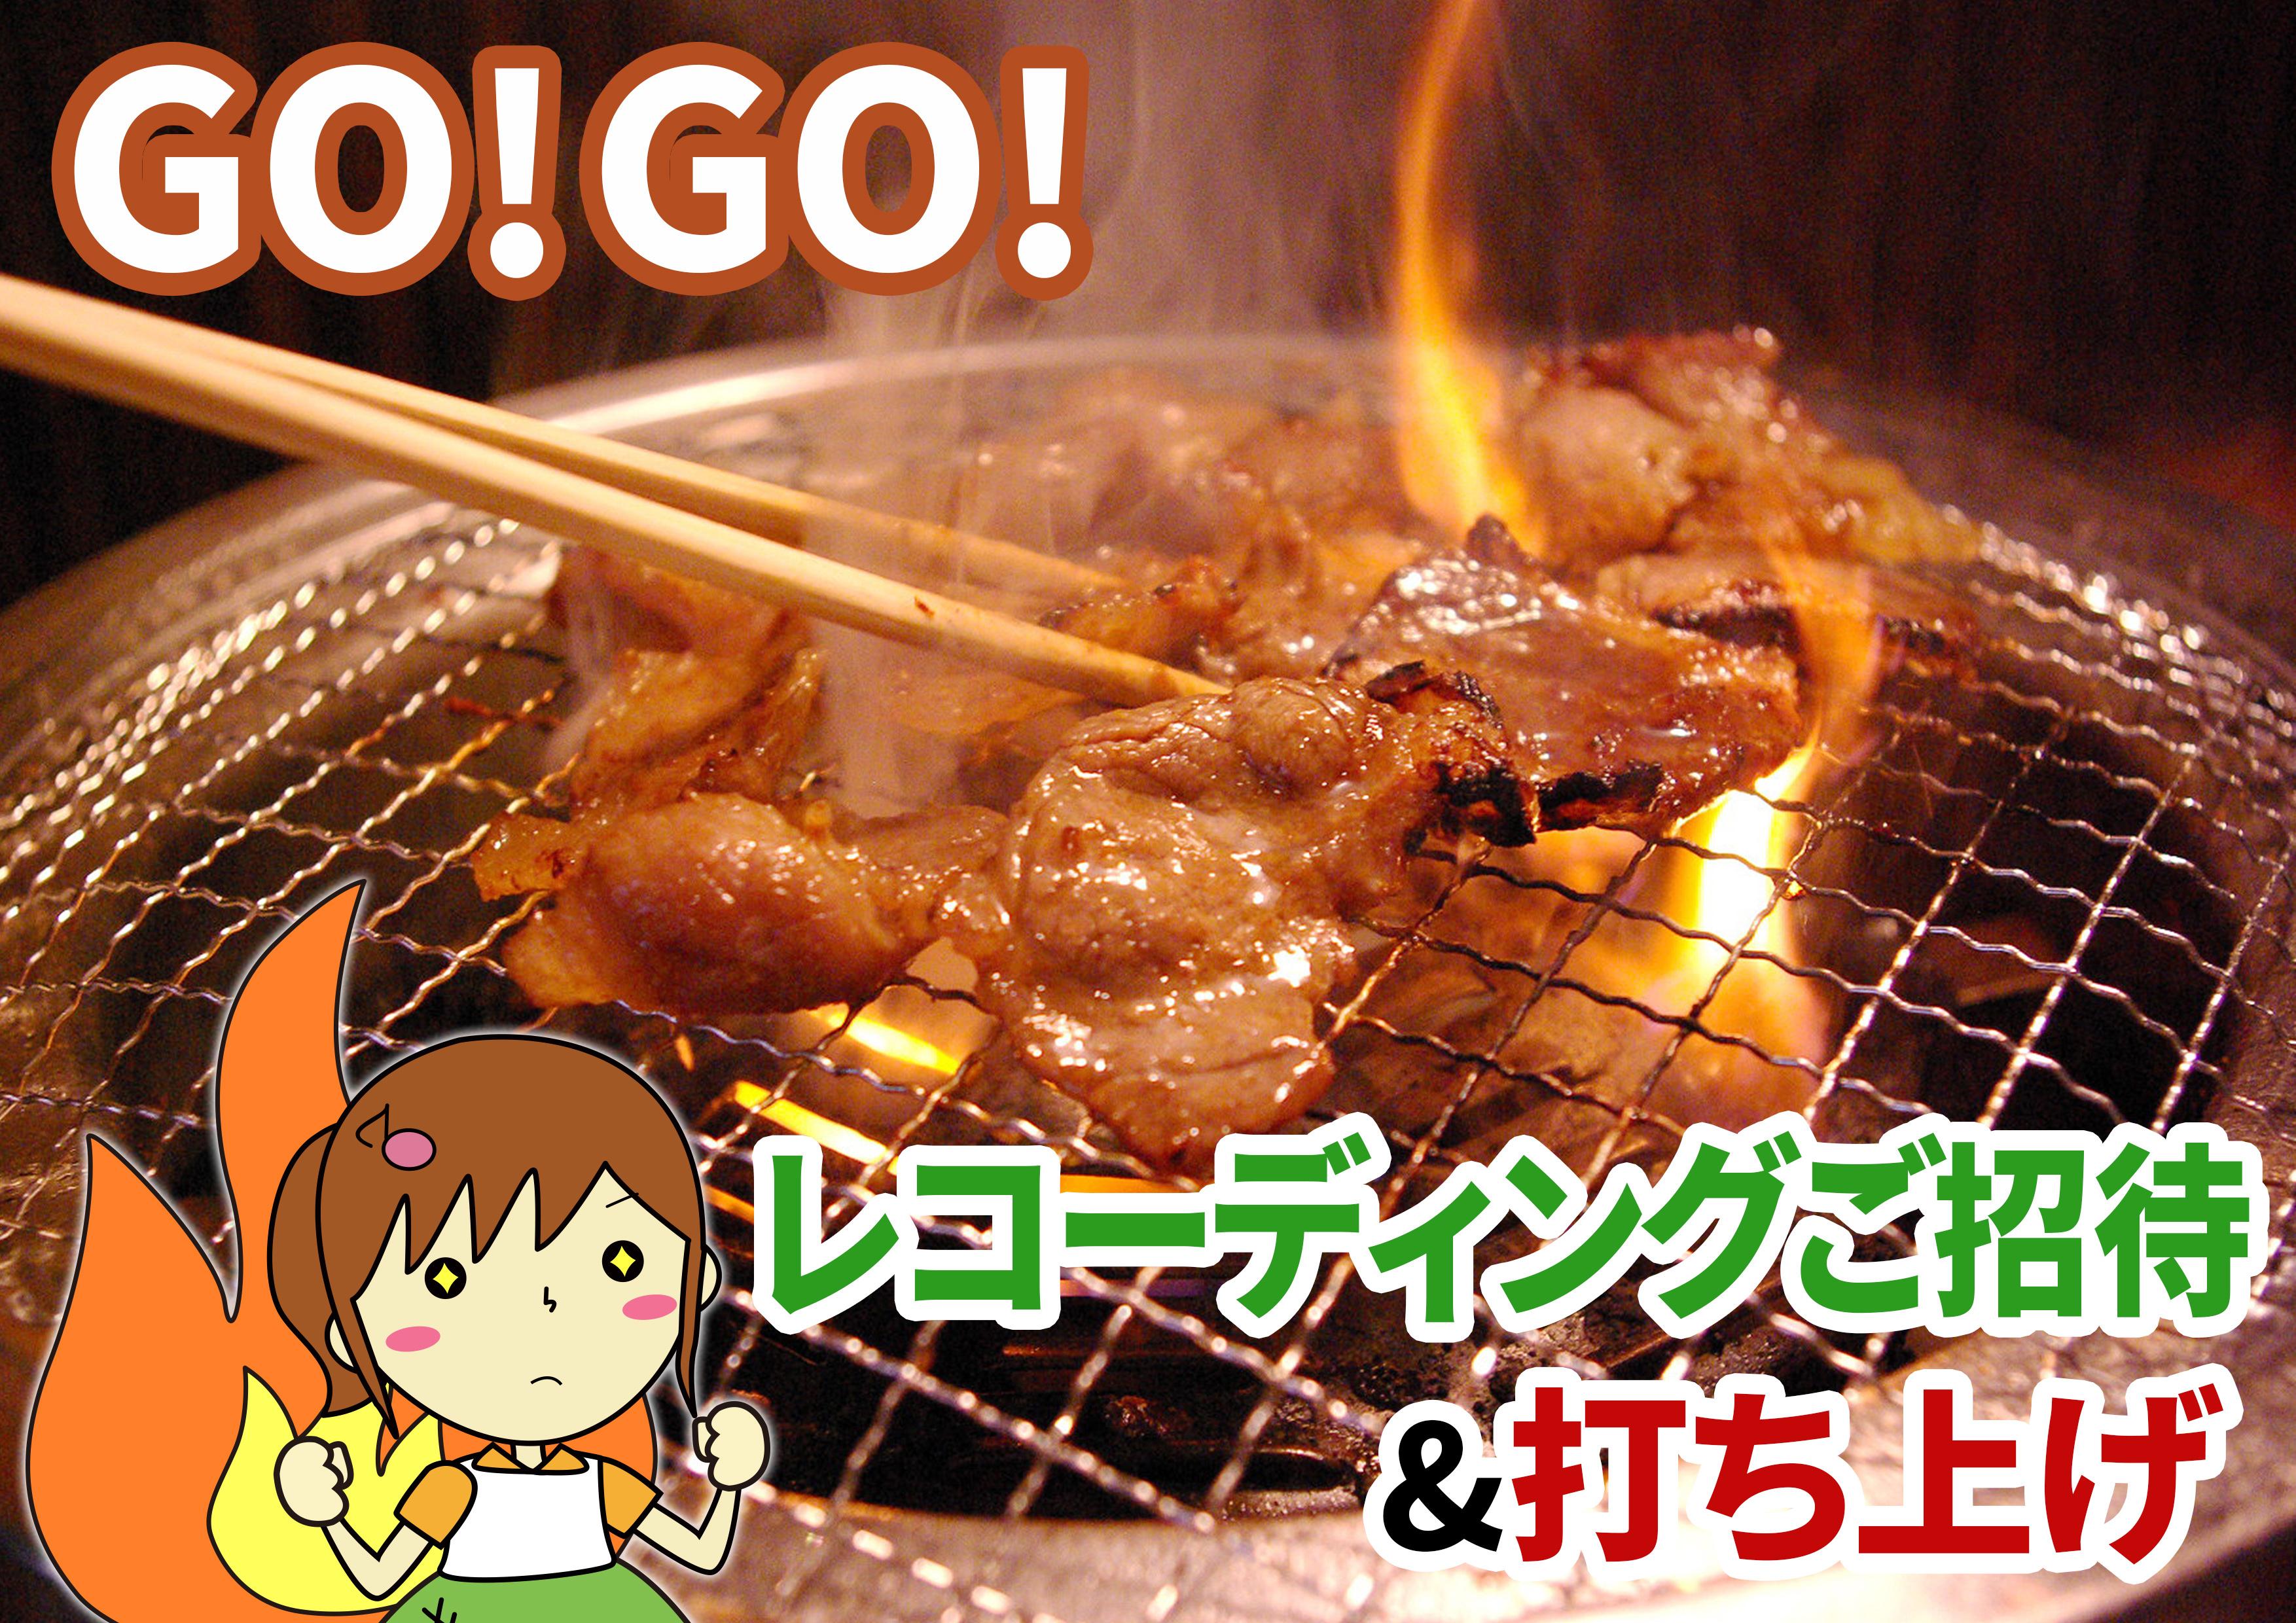 【GOGO(55)プラン!】レコーディング見学からの打ち上げ!